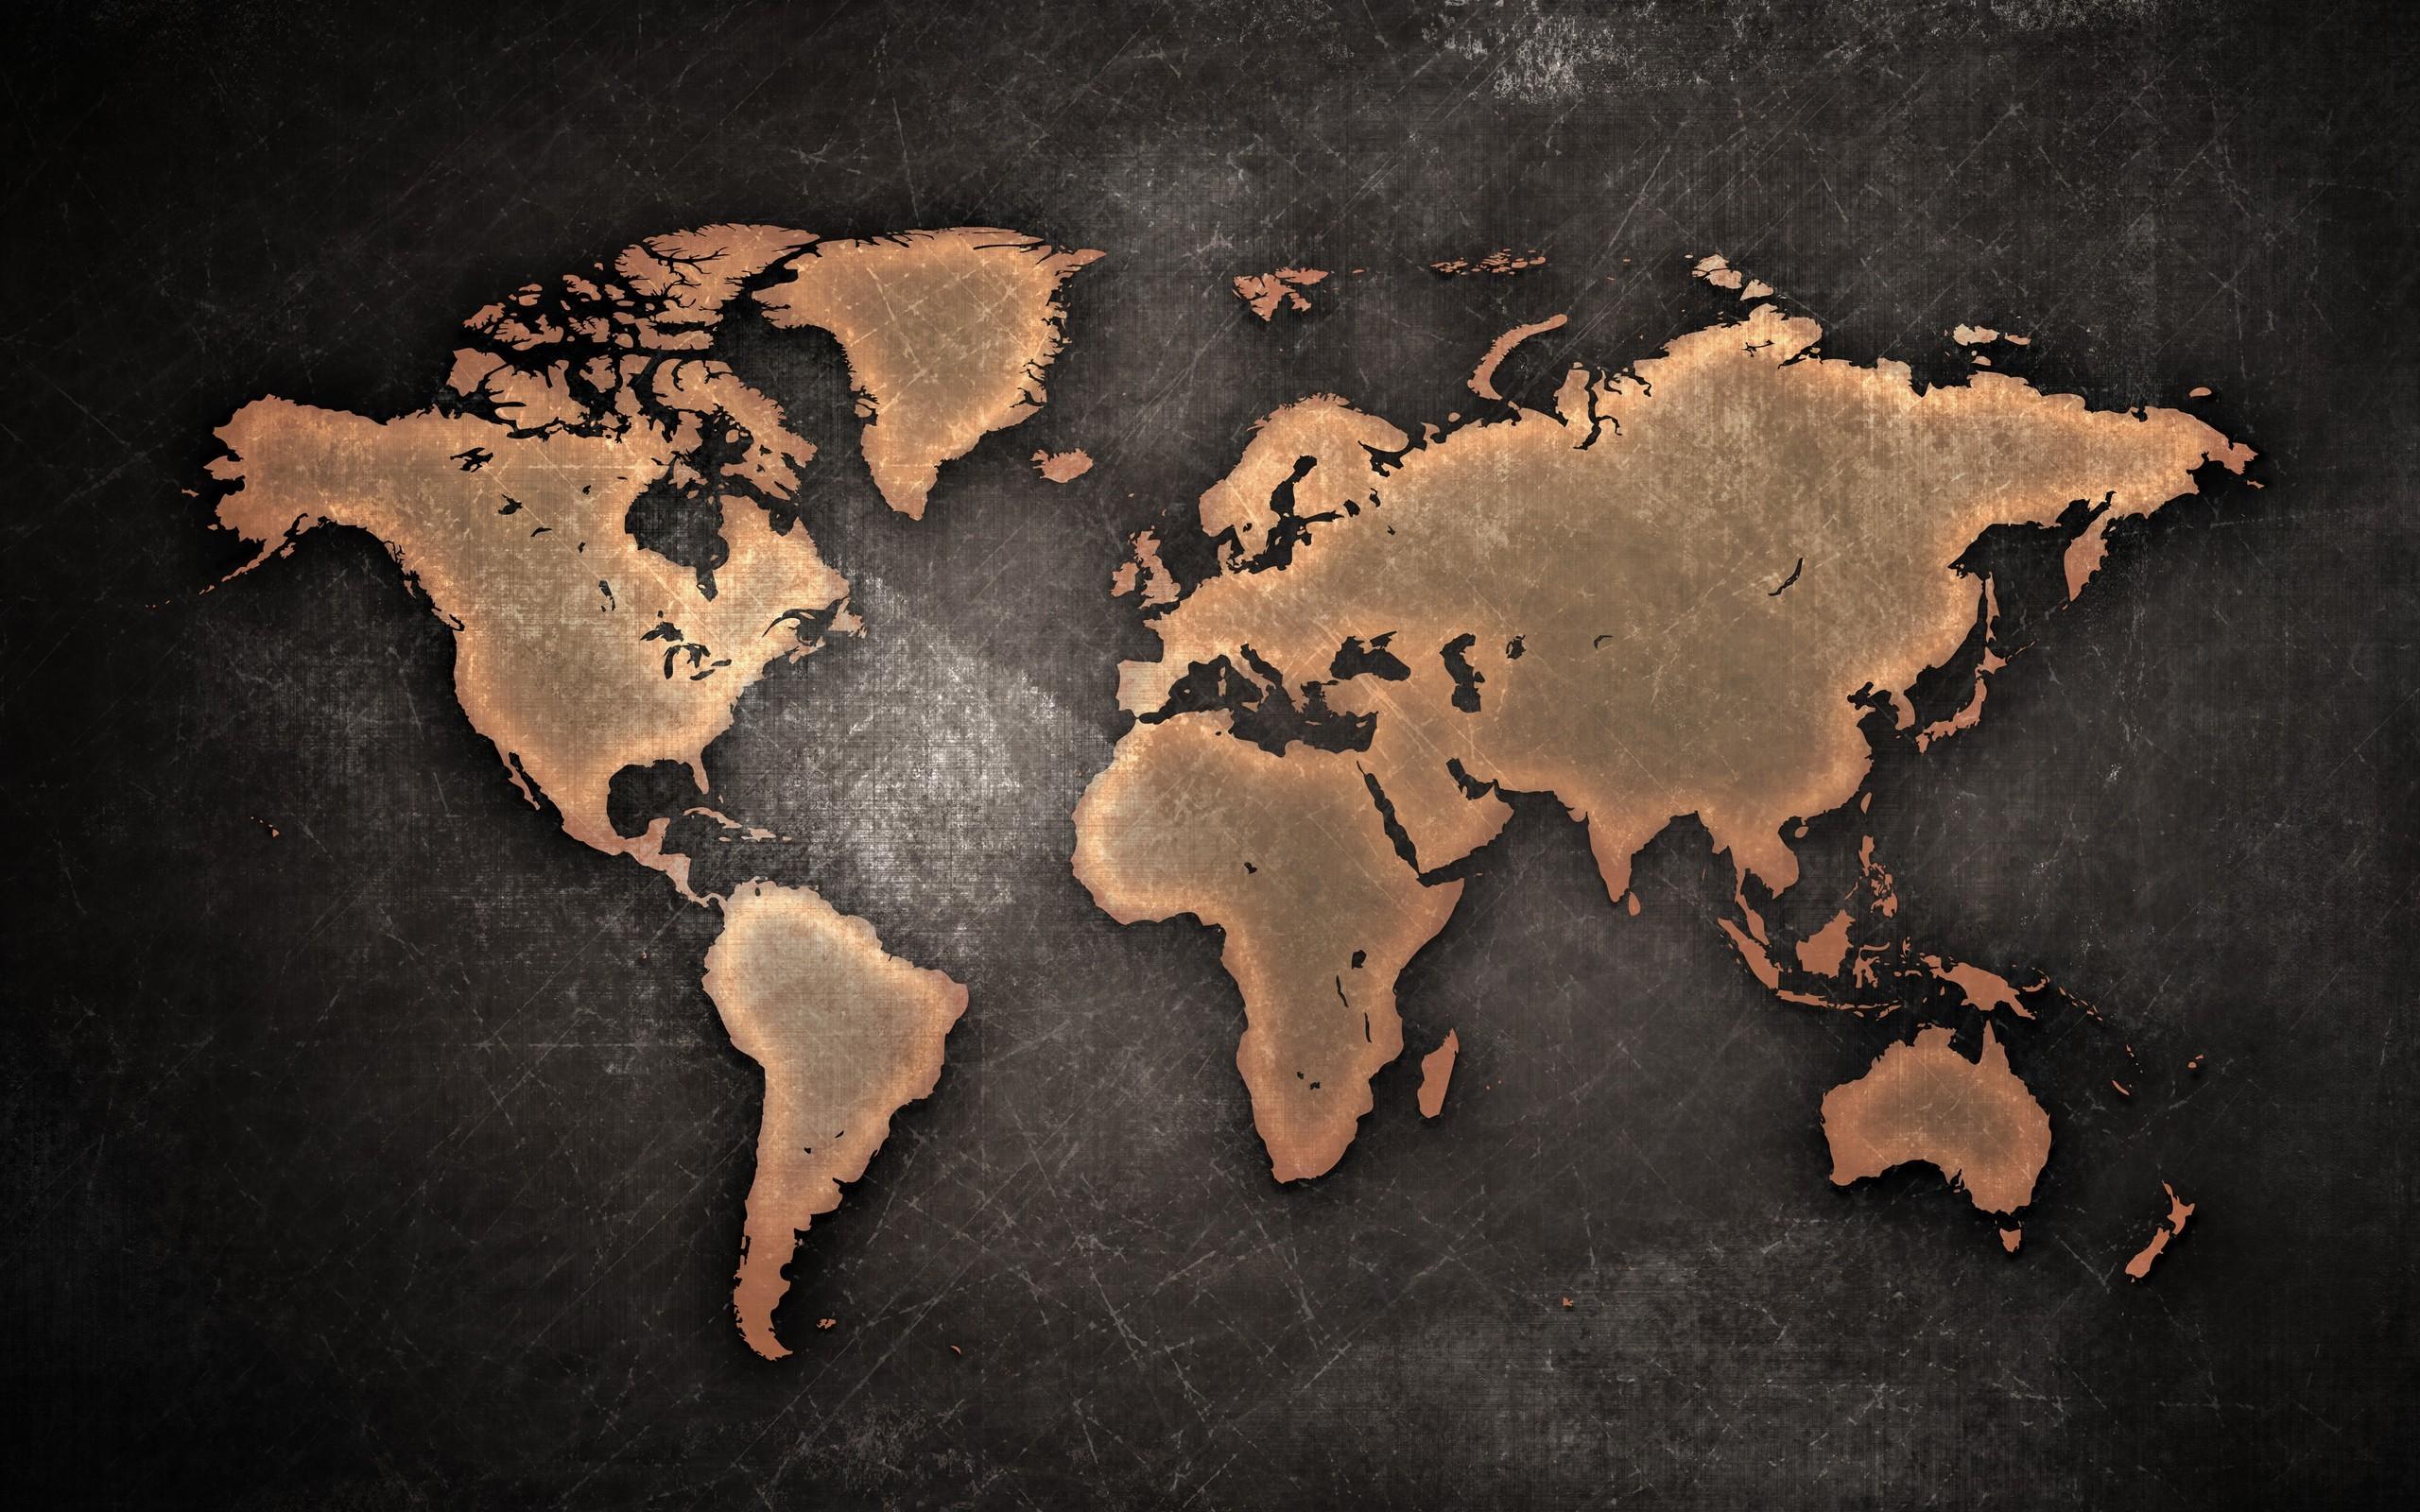 картинки карт мира большого разрешения девушка понимает